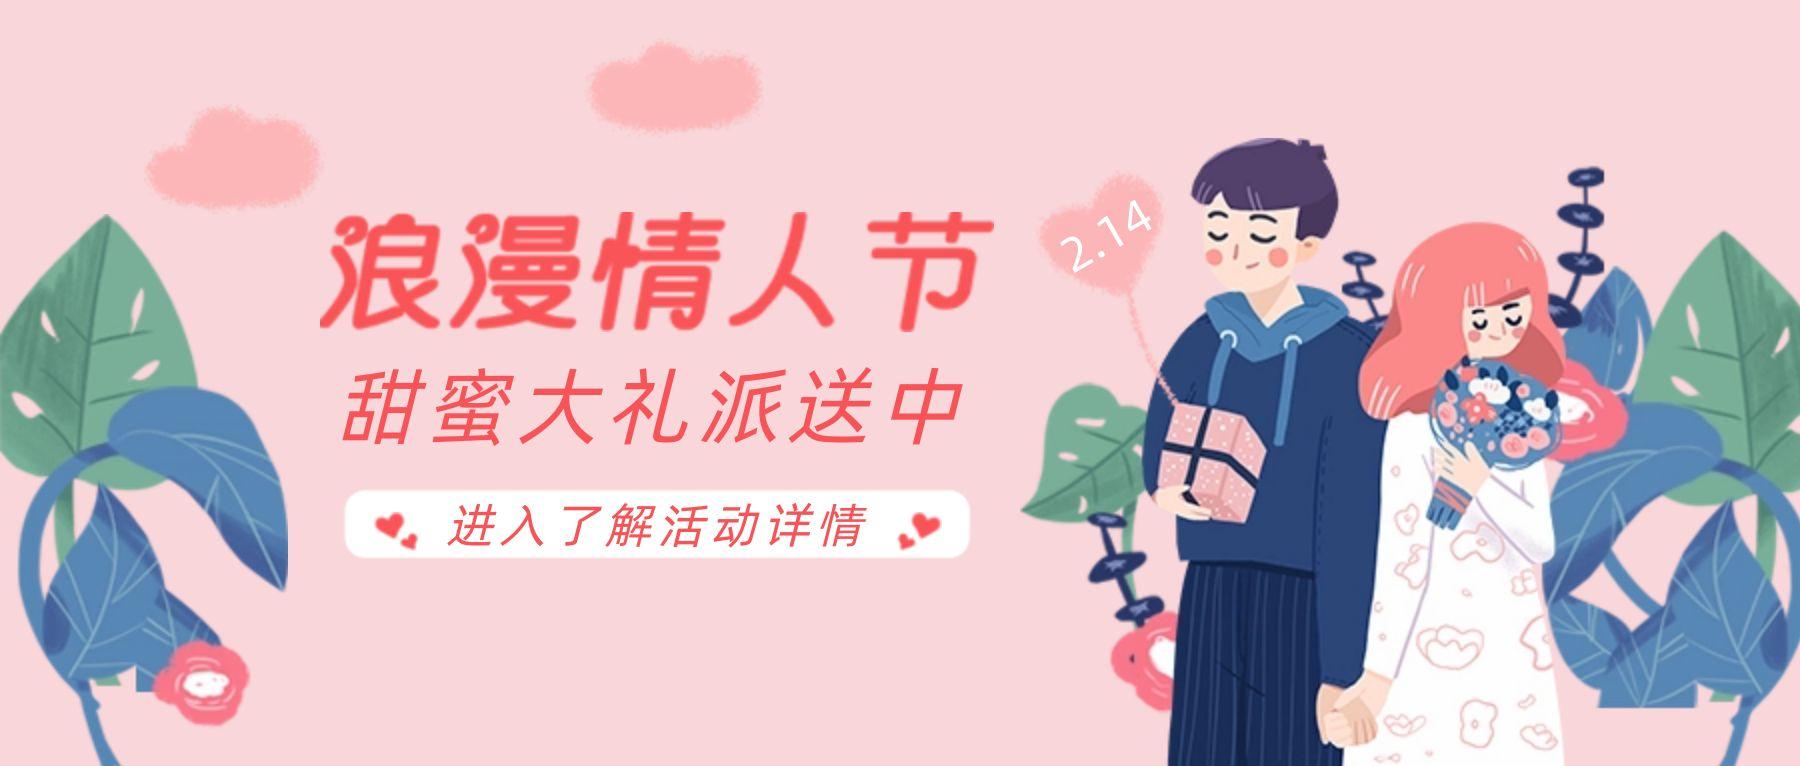 粉色浪漫插画情人节促销活动公众号首图